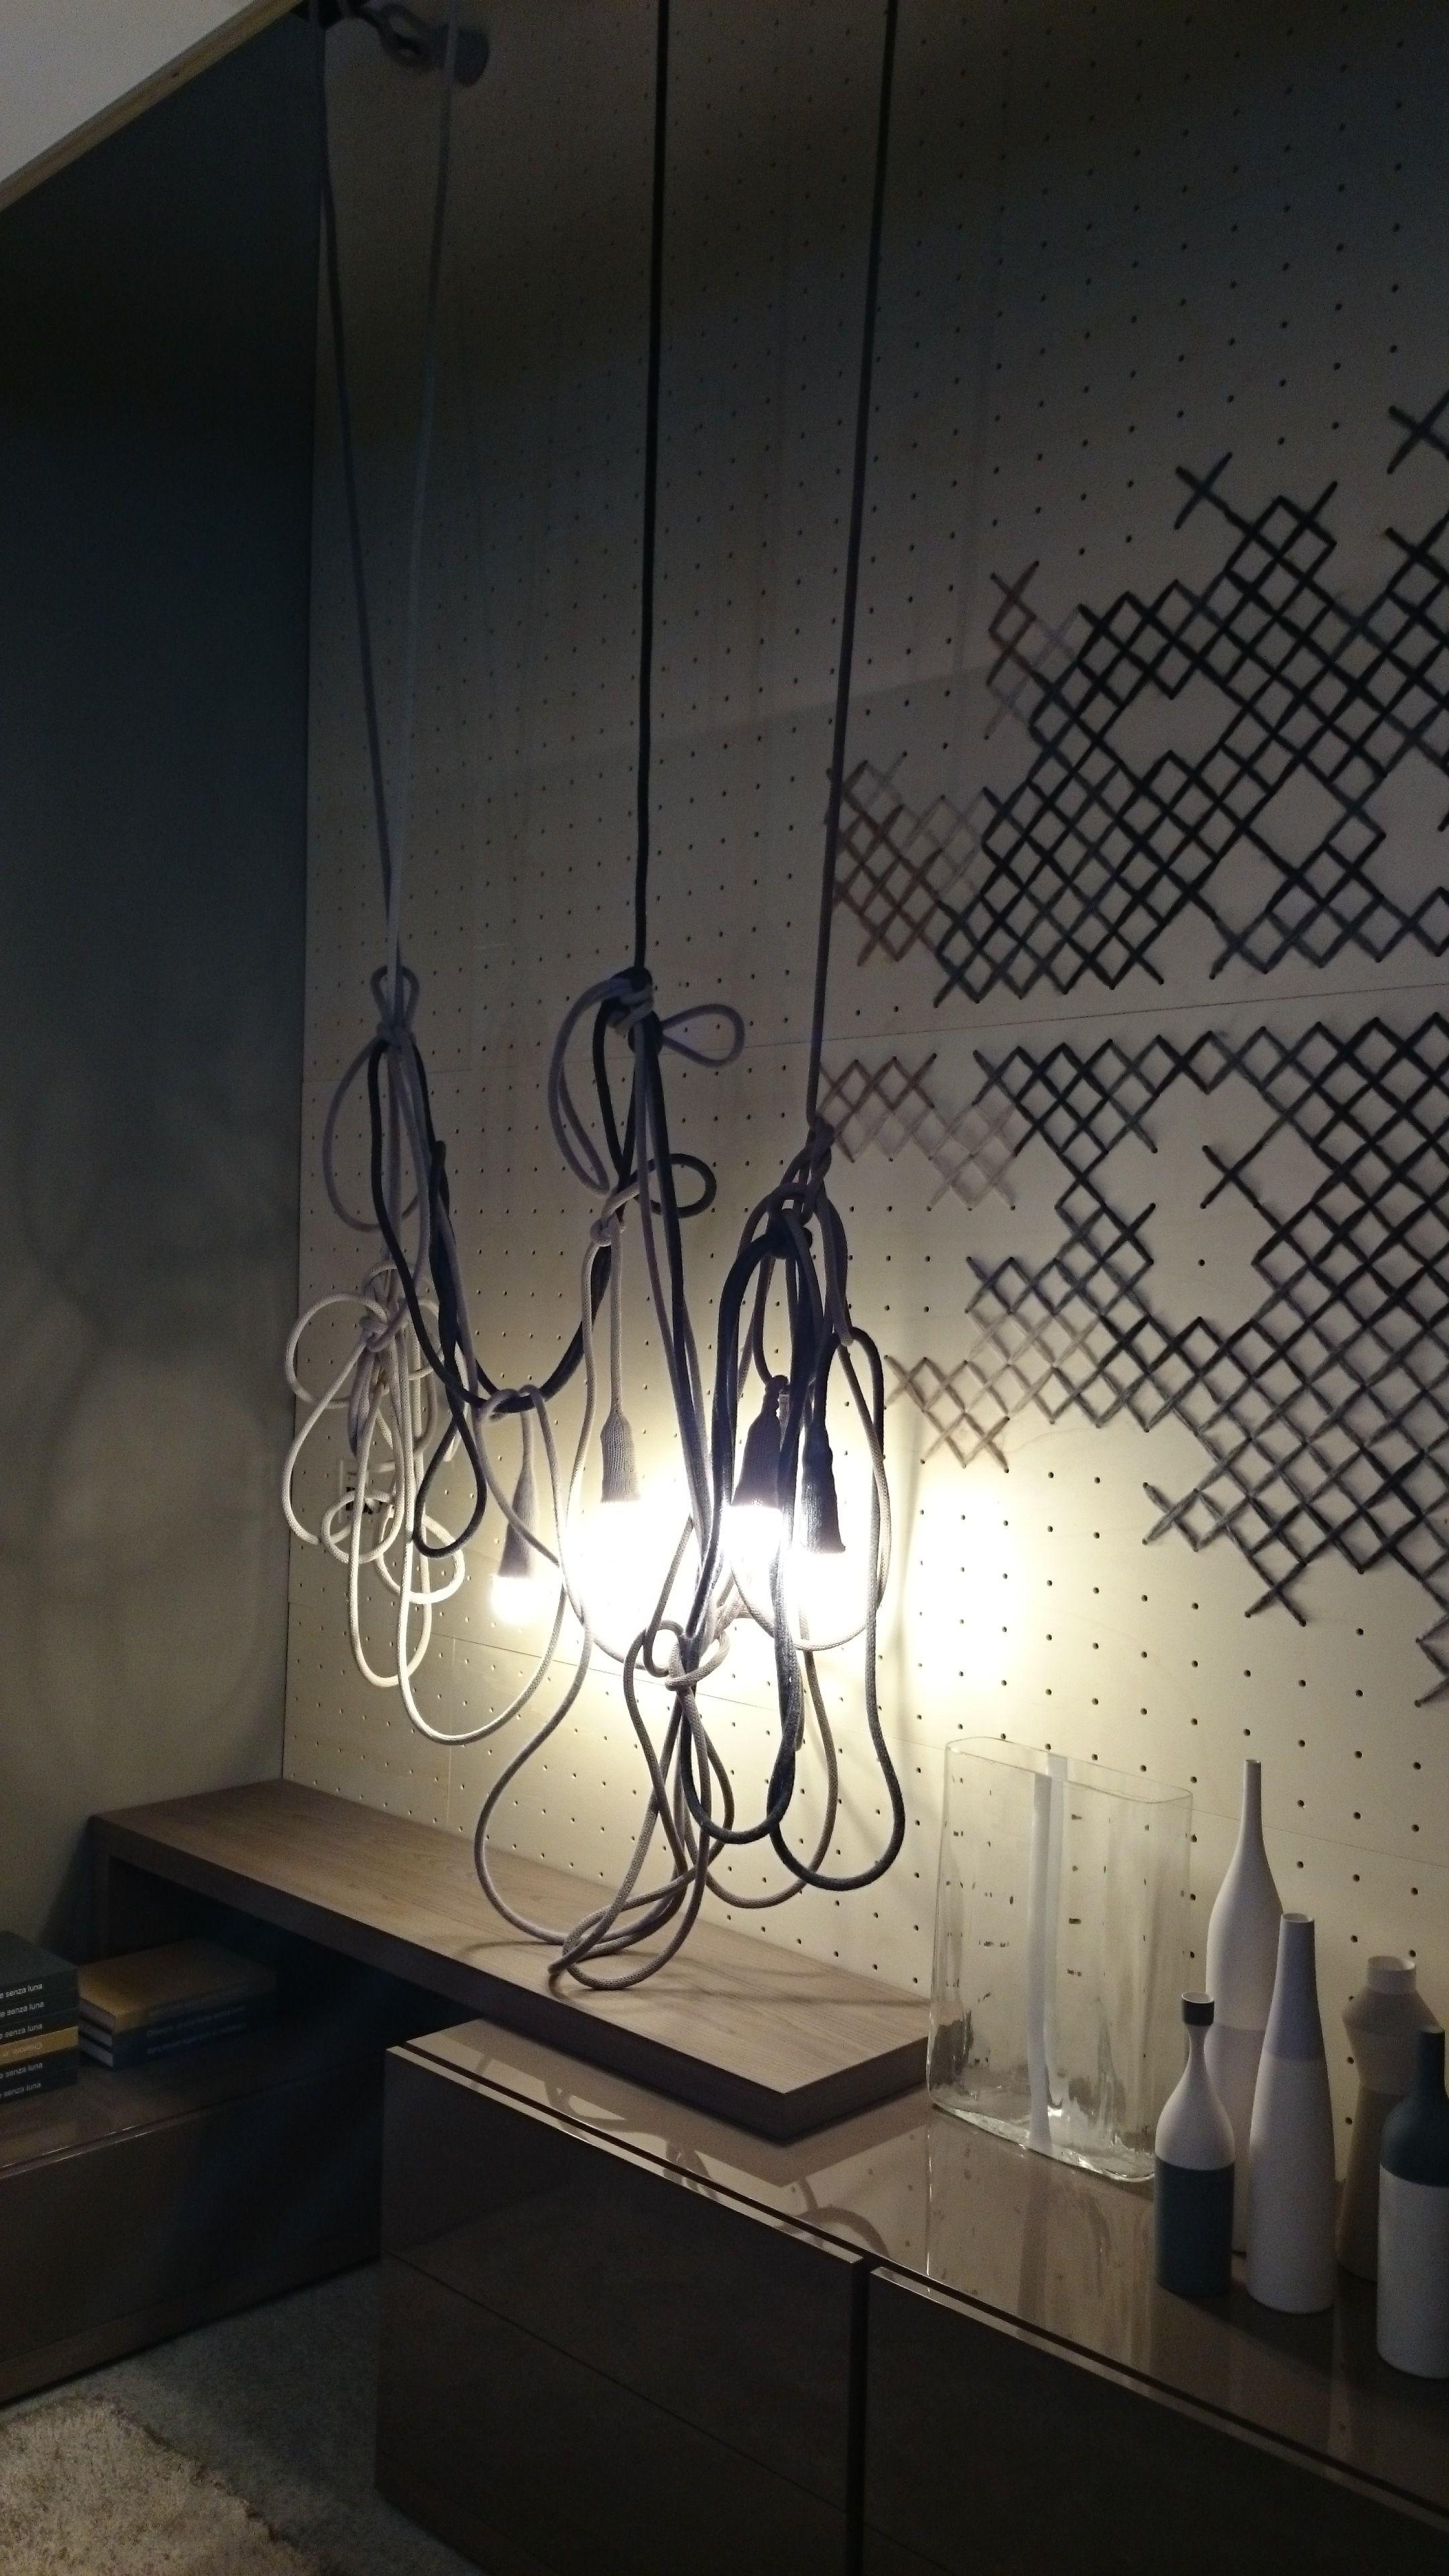 Lagerhaus wohnung Lampenlicht Bühnenausstattung Innenarchitektur Glühbirnen Aufsatz Ikea Dunkelheit